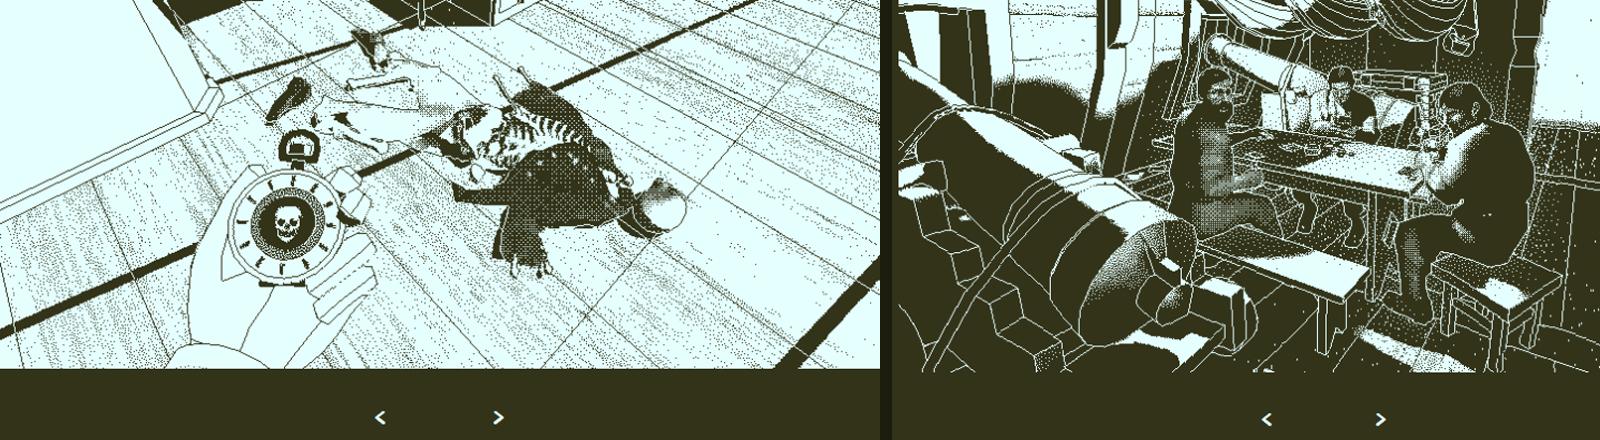 Grafik: Ein Skelett liegt auf dem Boden